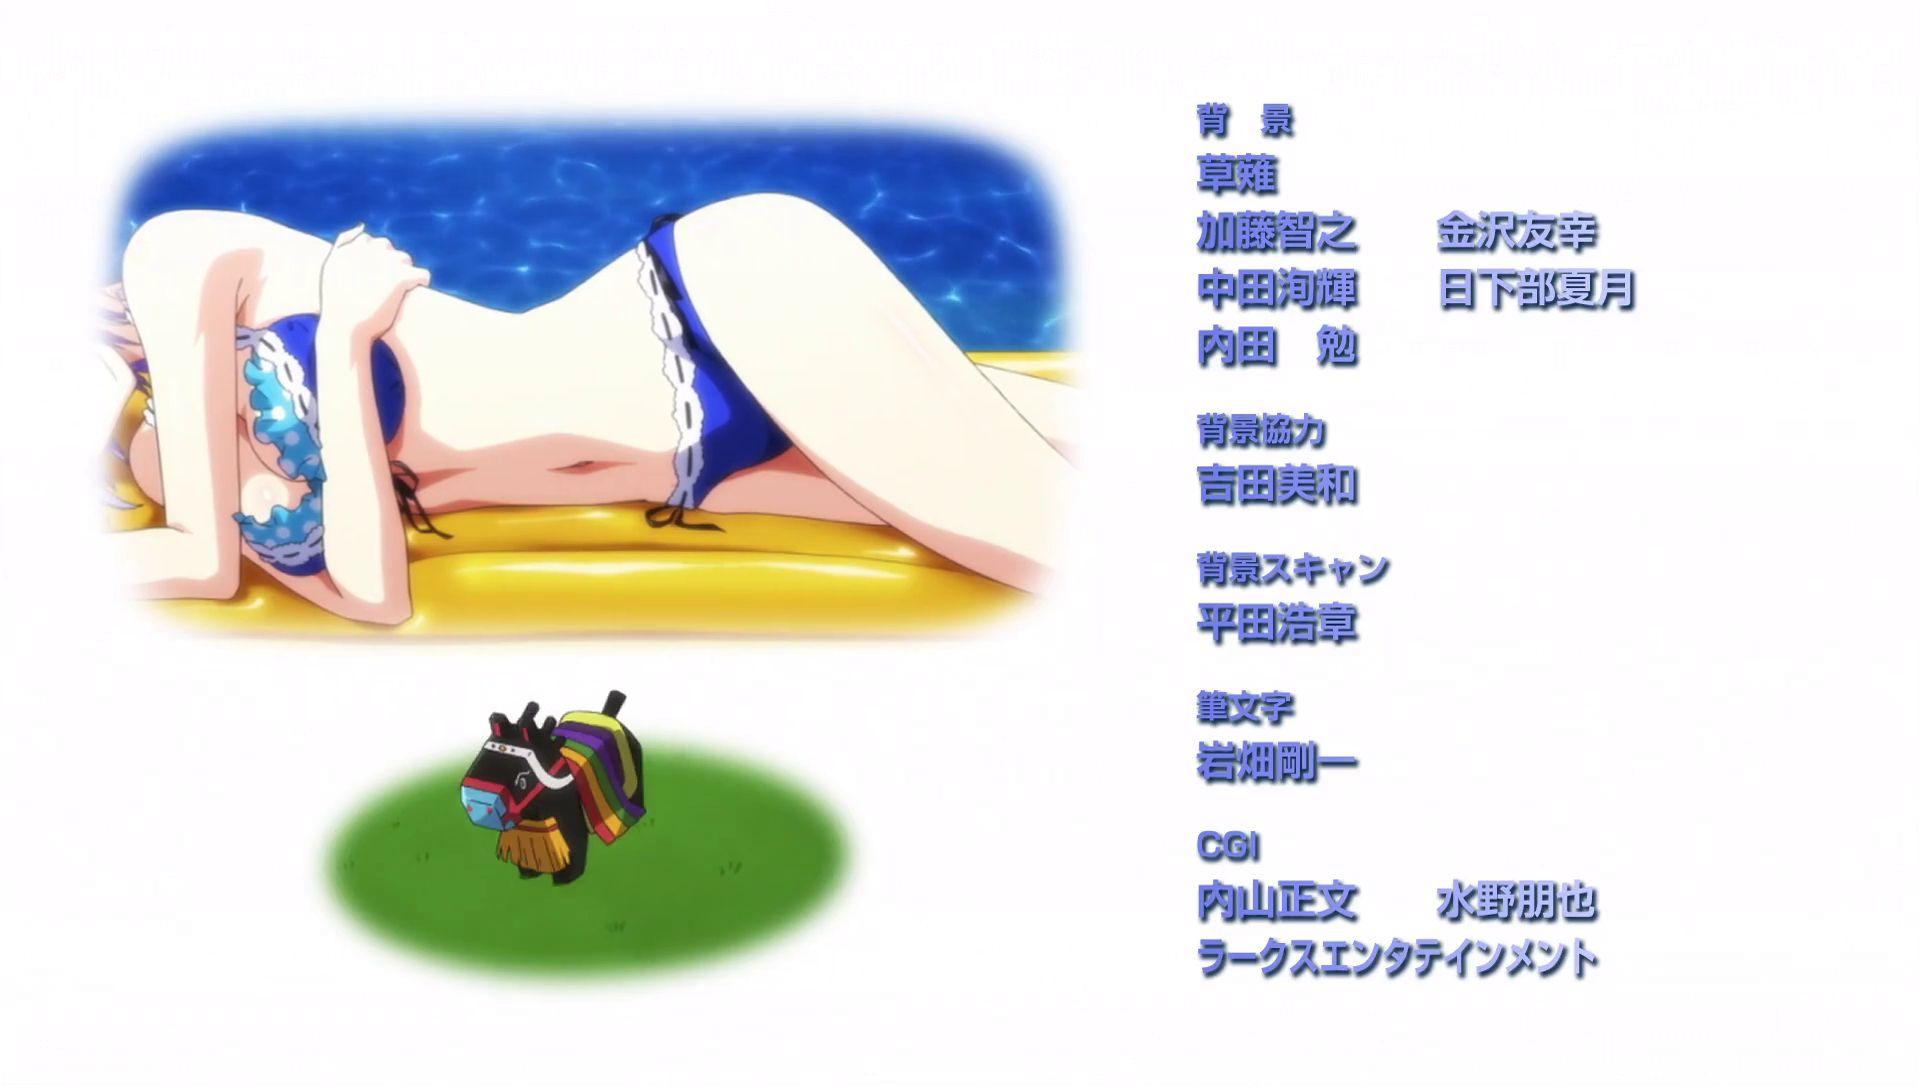 Maji de watashi ni koi shinasai majikoi 04 vostfr for Koi kaze 01 vostfr